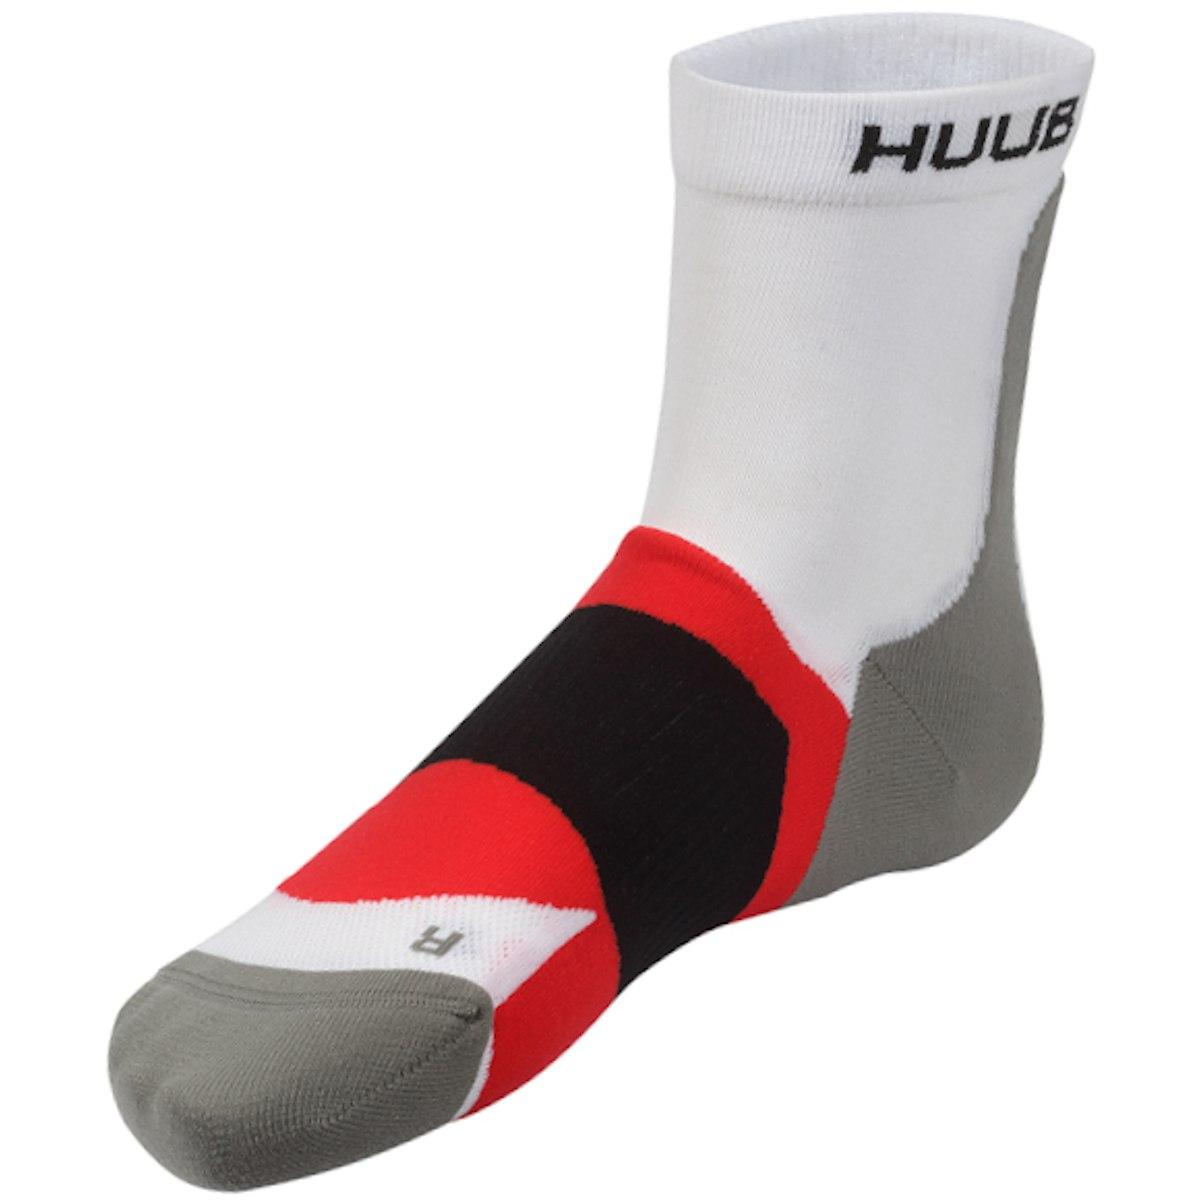 HUUB Design Active Socken - weiß